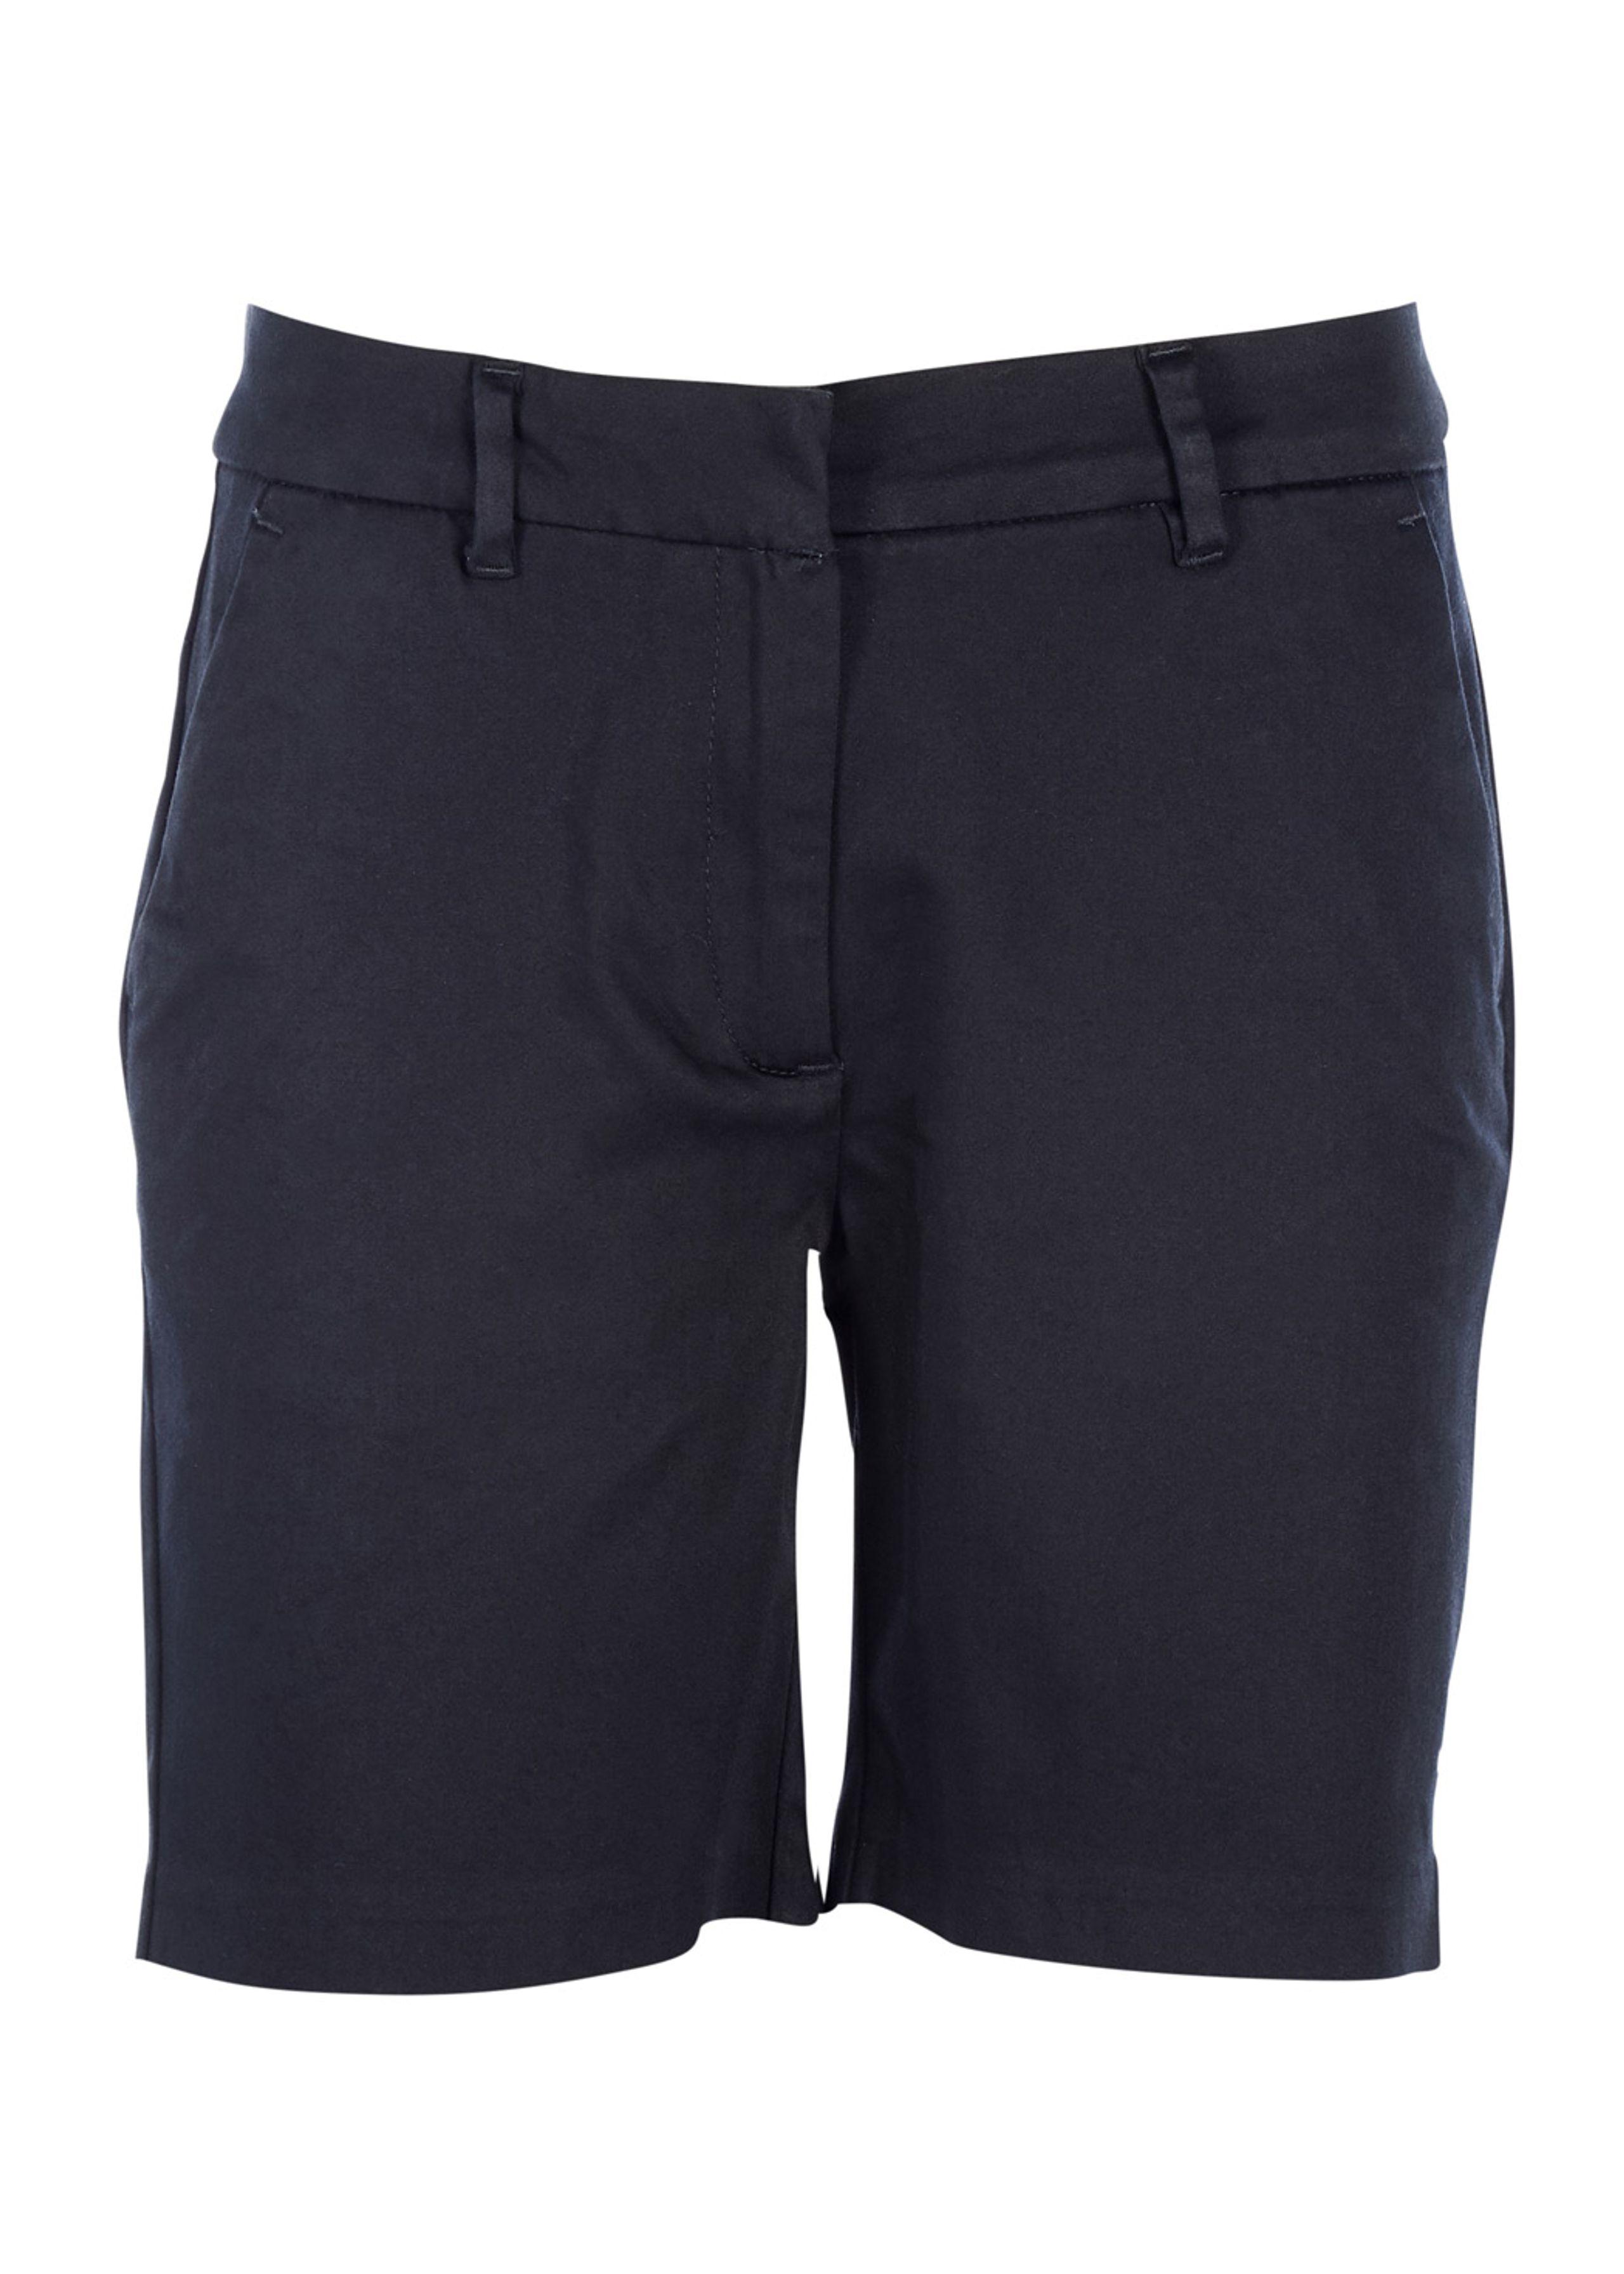 Image of   Carine Shorts